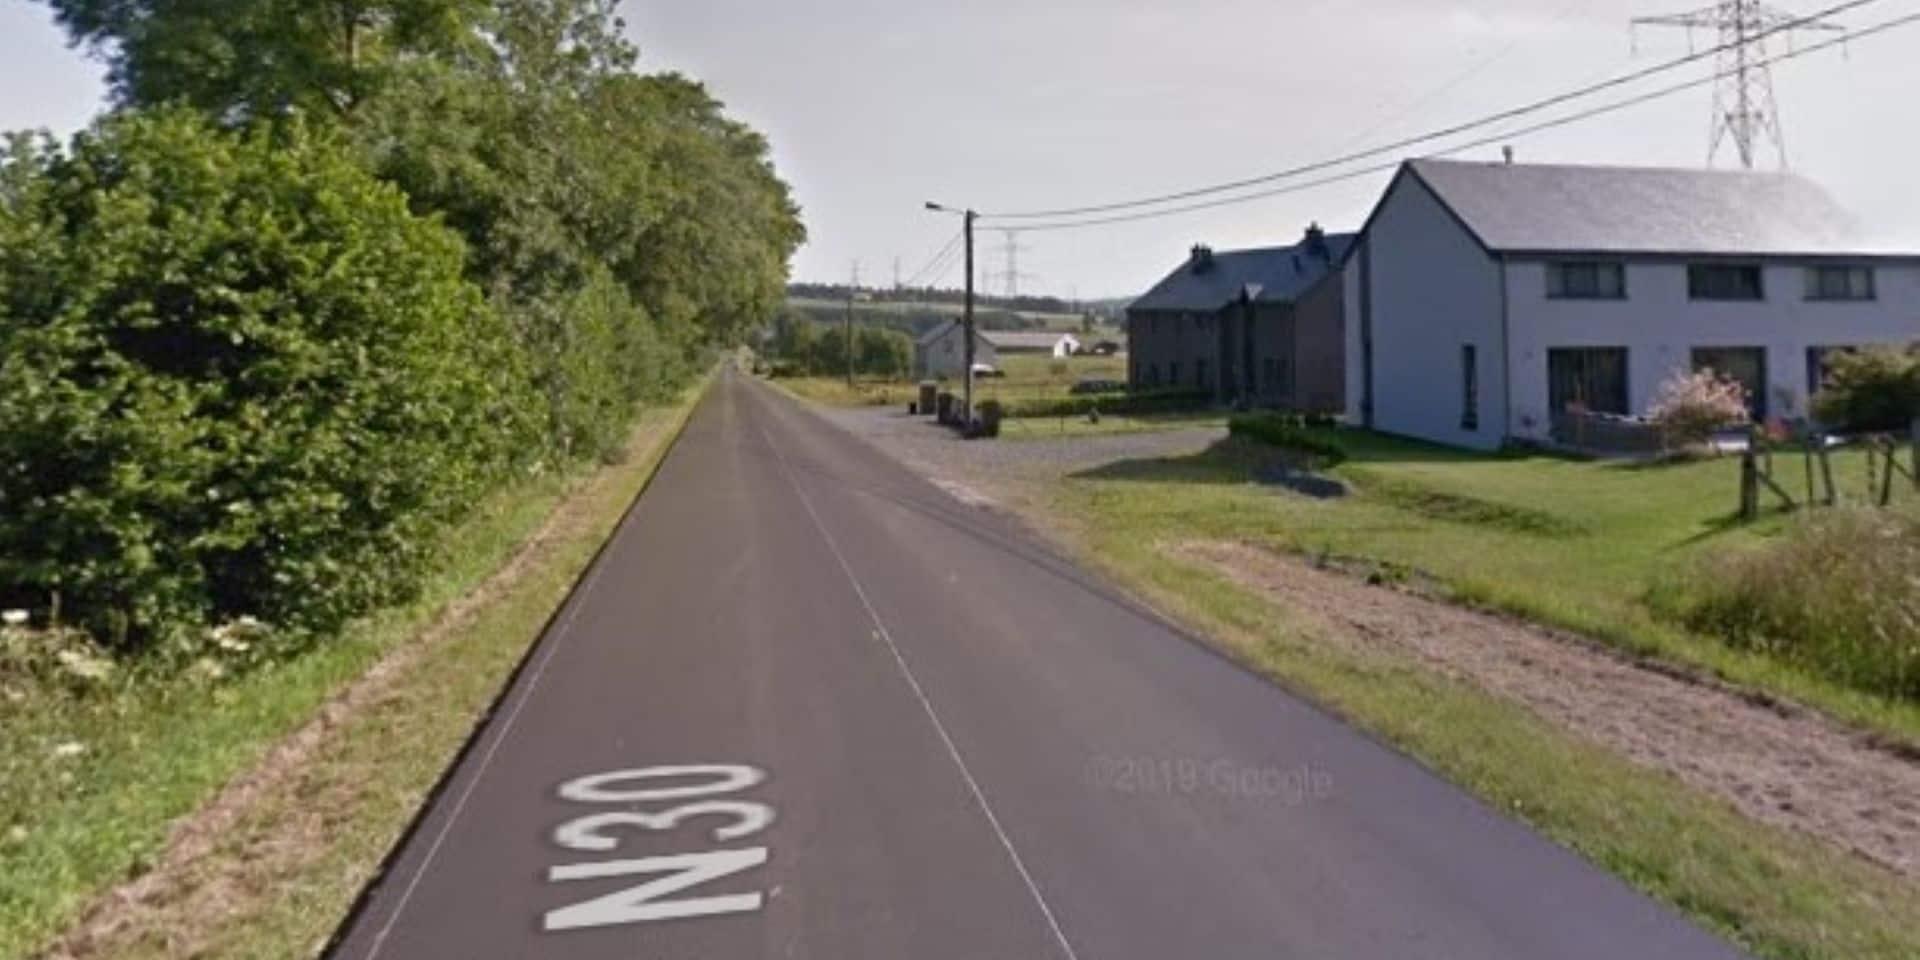 Accident mortel à Wicourt (Bastogne) : un octogénaire est décédé